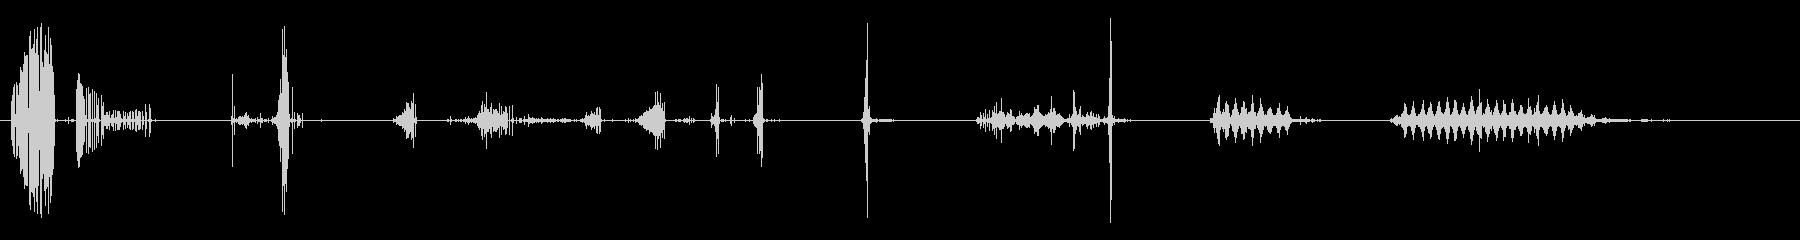 ロープクラックシングルクラックツイ...の未再生の波形